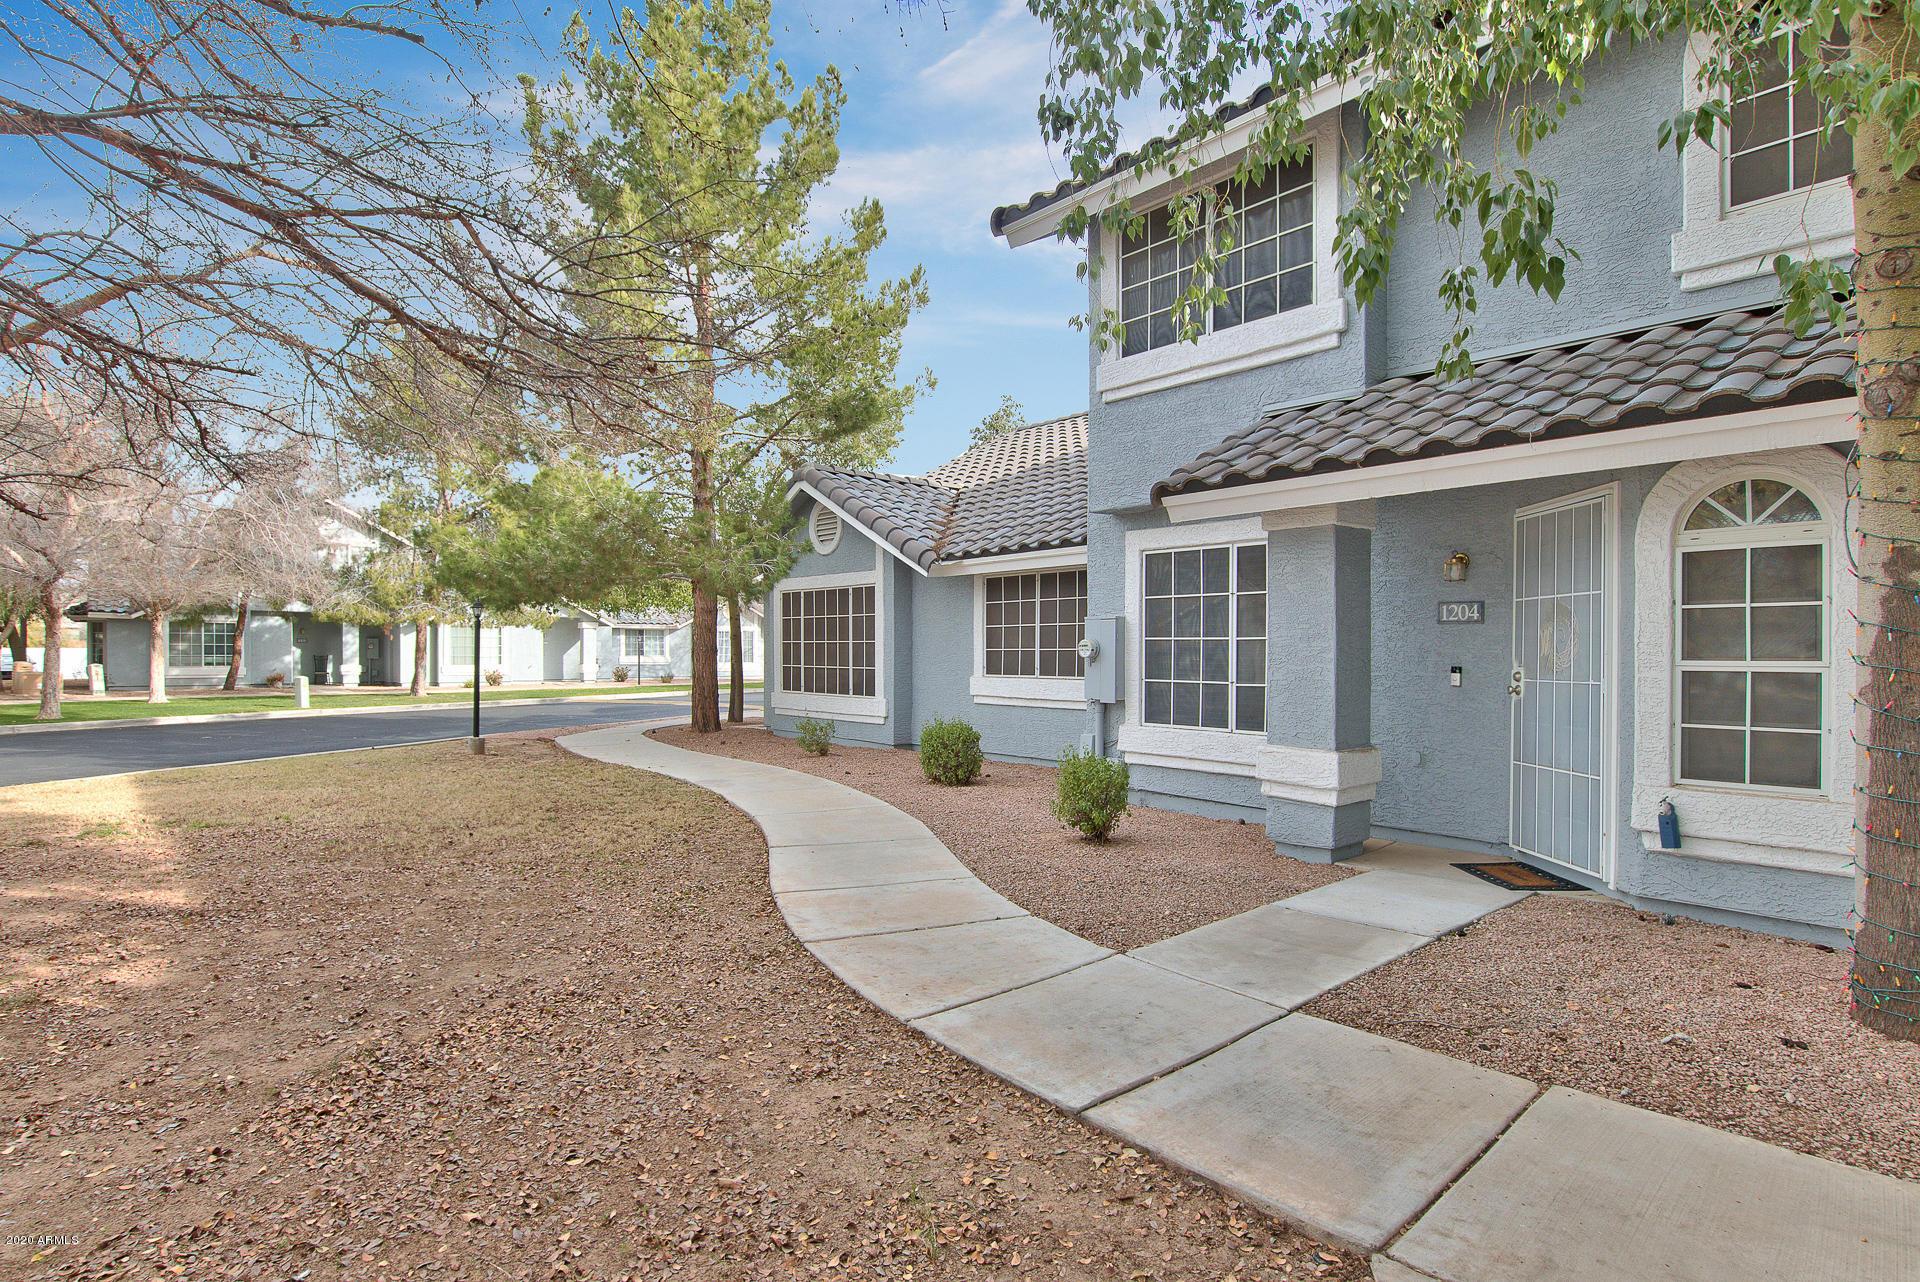 Photo of 860 N MCQUEEN Road #1204, Chandler, AZ 85225